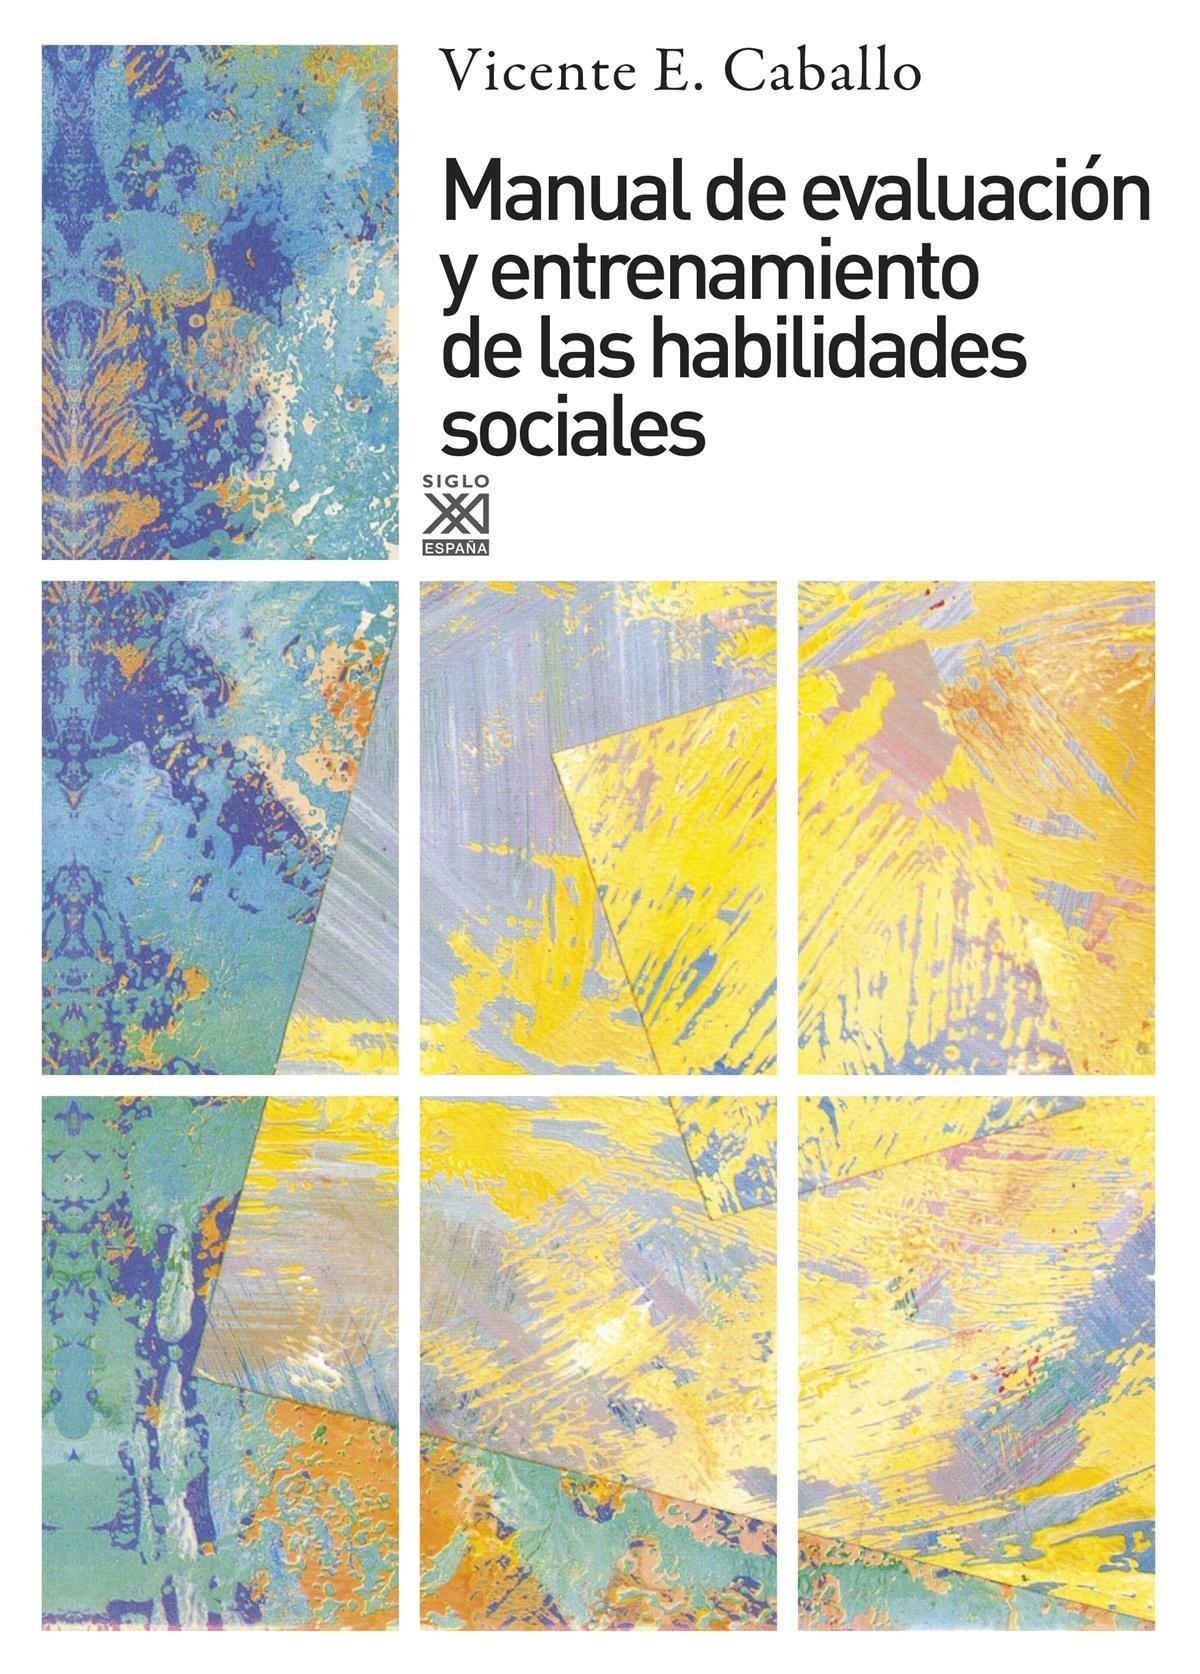 Manual de evaluación y entrenamiento de las habilidades sociales: 581 Siglo XXI de España General: Amazon.es: Caballo, Vicente E.: Libros